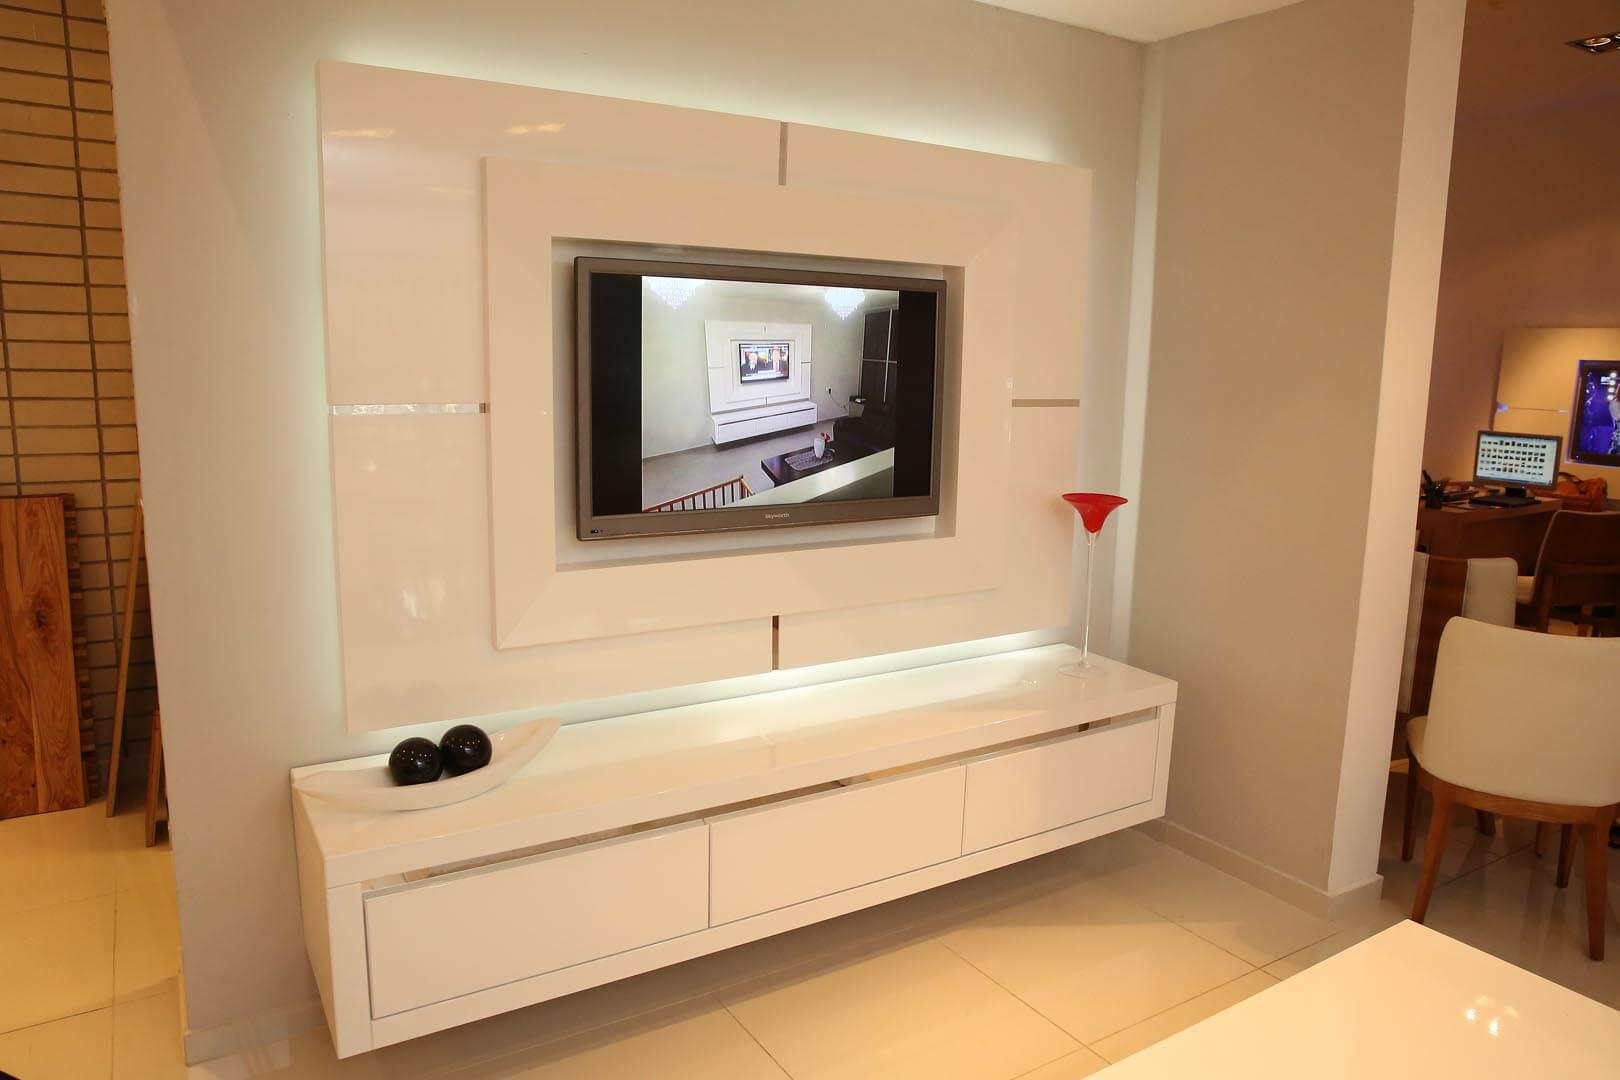 מסגרת לטלויזיה ומזנון תלוי בצבע לבן - קומפי רהיטים מעוצבים